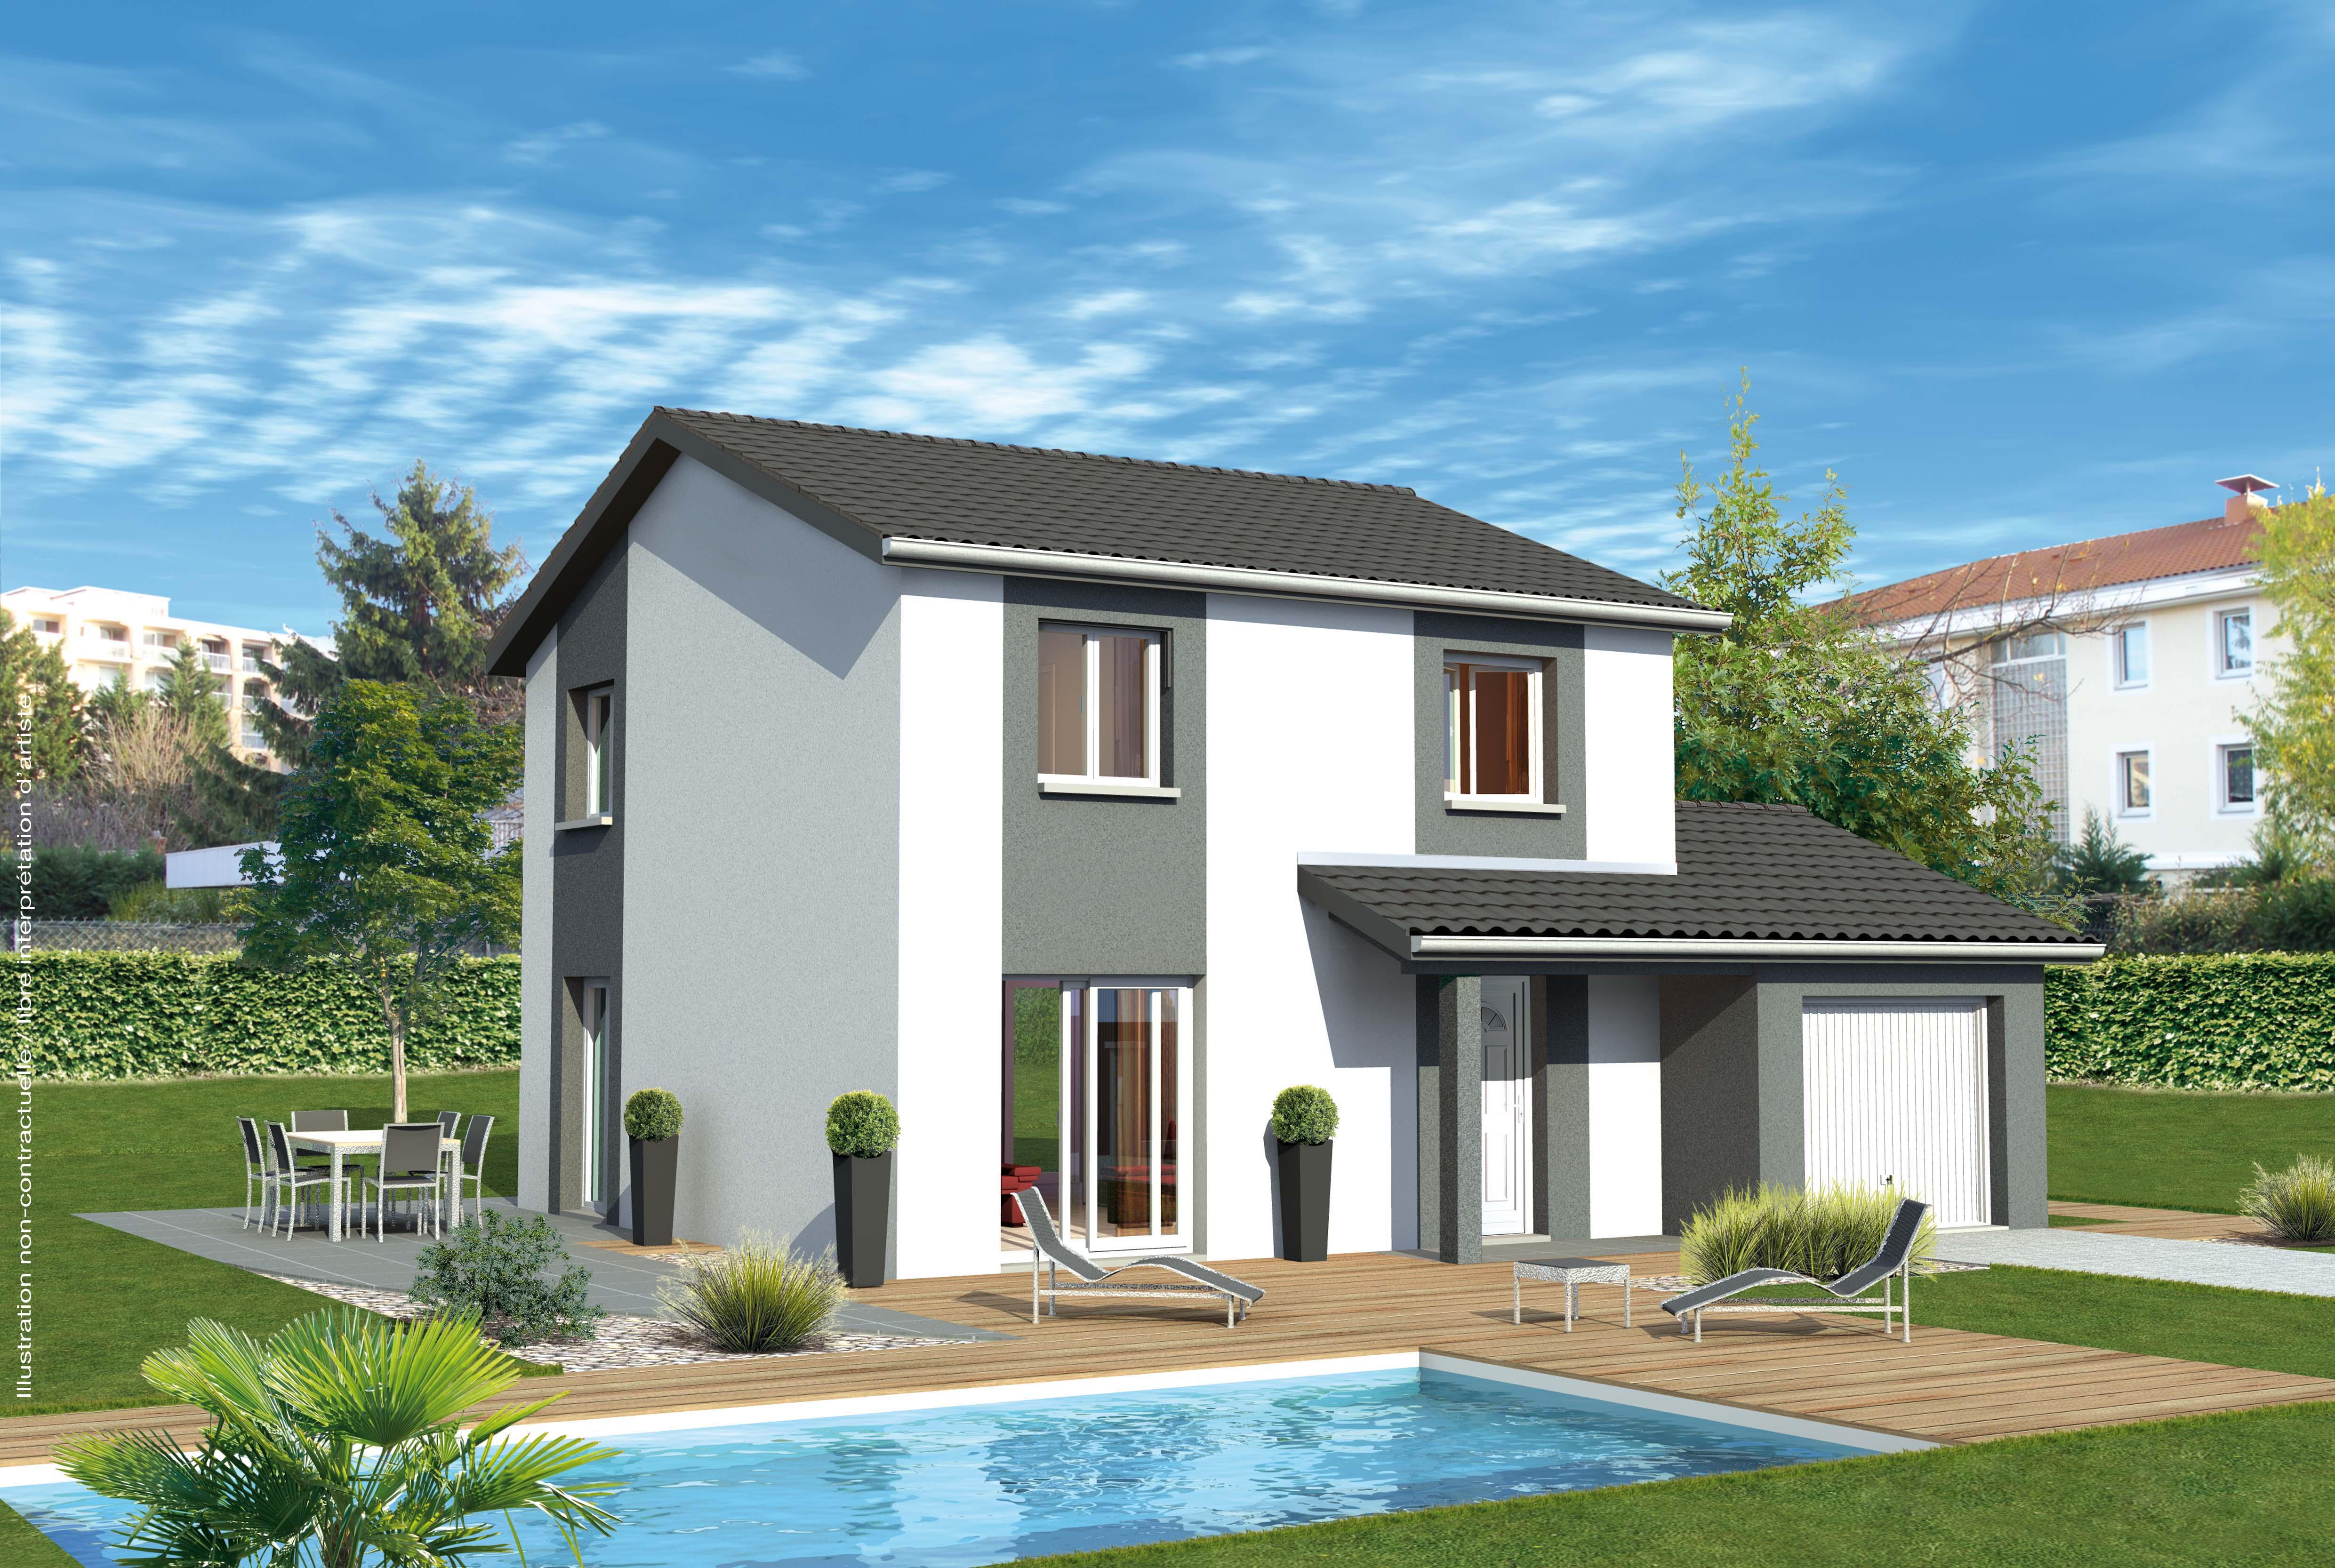 Maisons + Terrains du constructeur MAISONS PUNCH SIEGE SOCIAL • 94 m² • TAPONAS